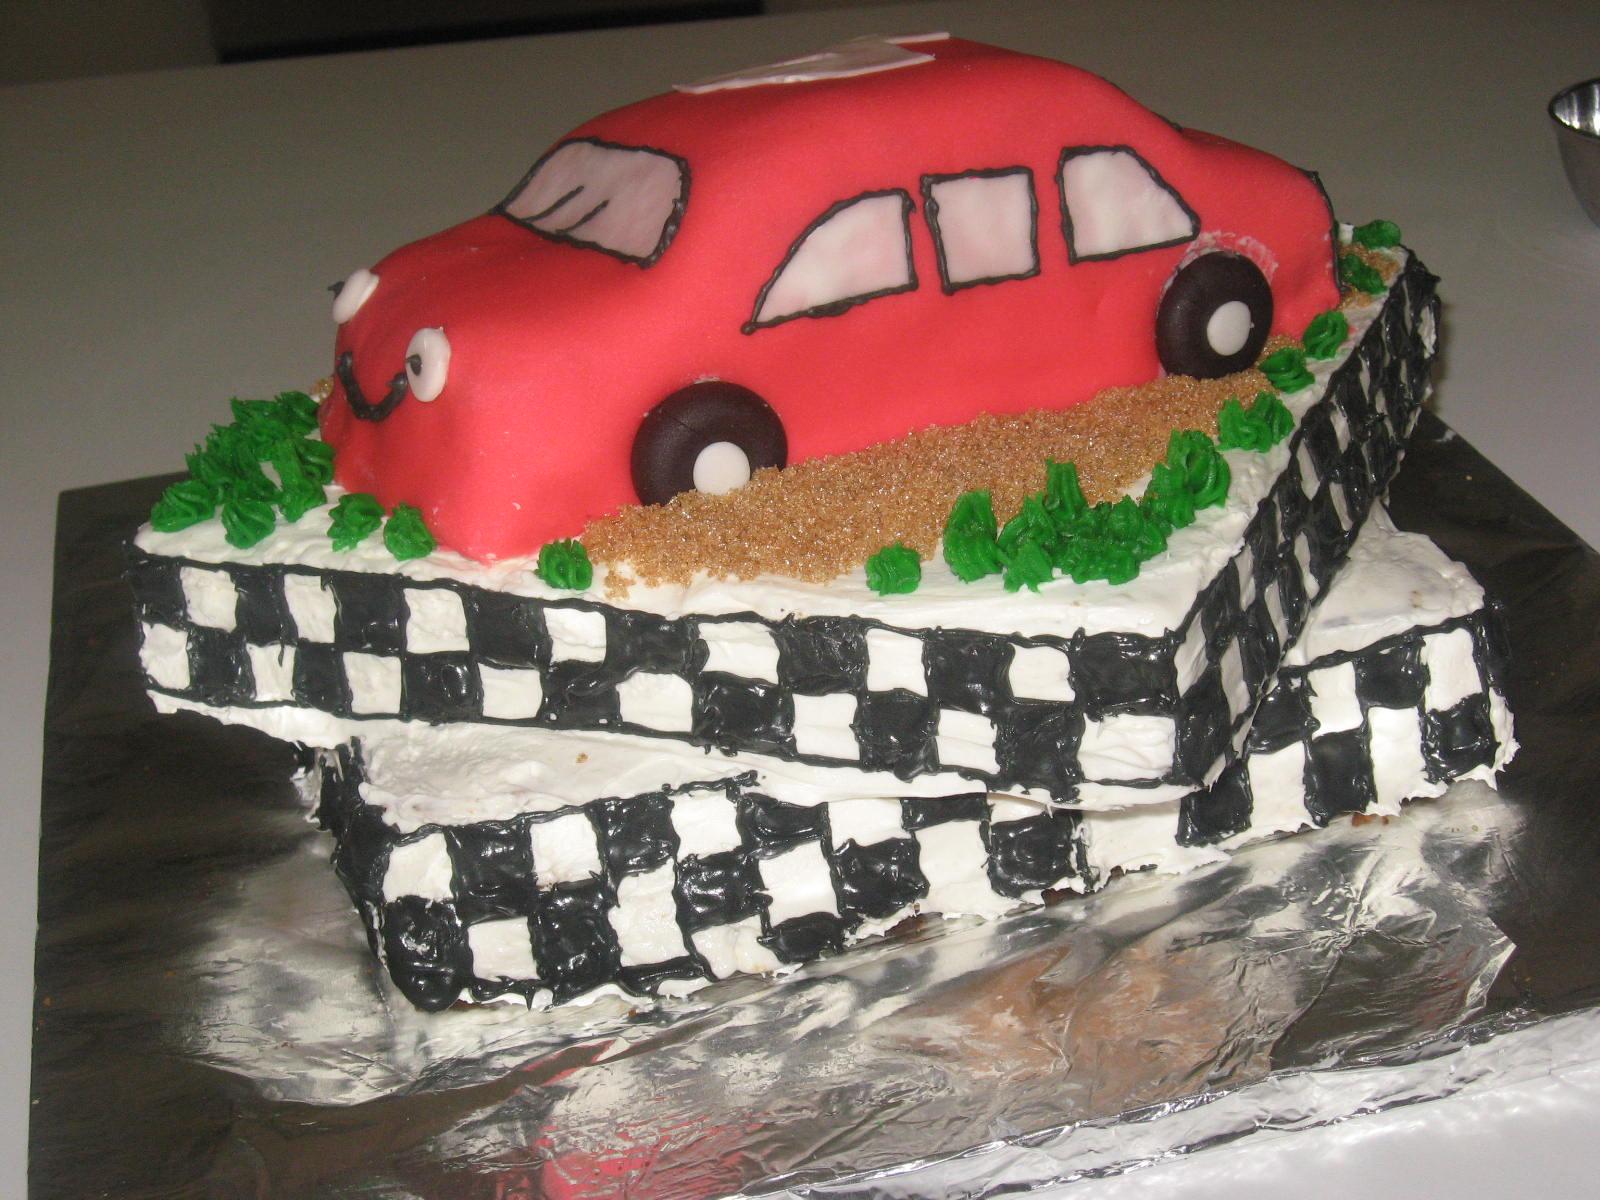 Rinkusrasoi Race Car Birthday Cake